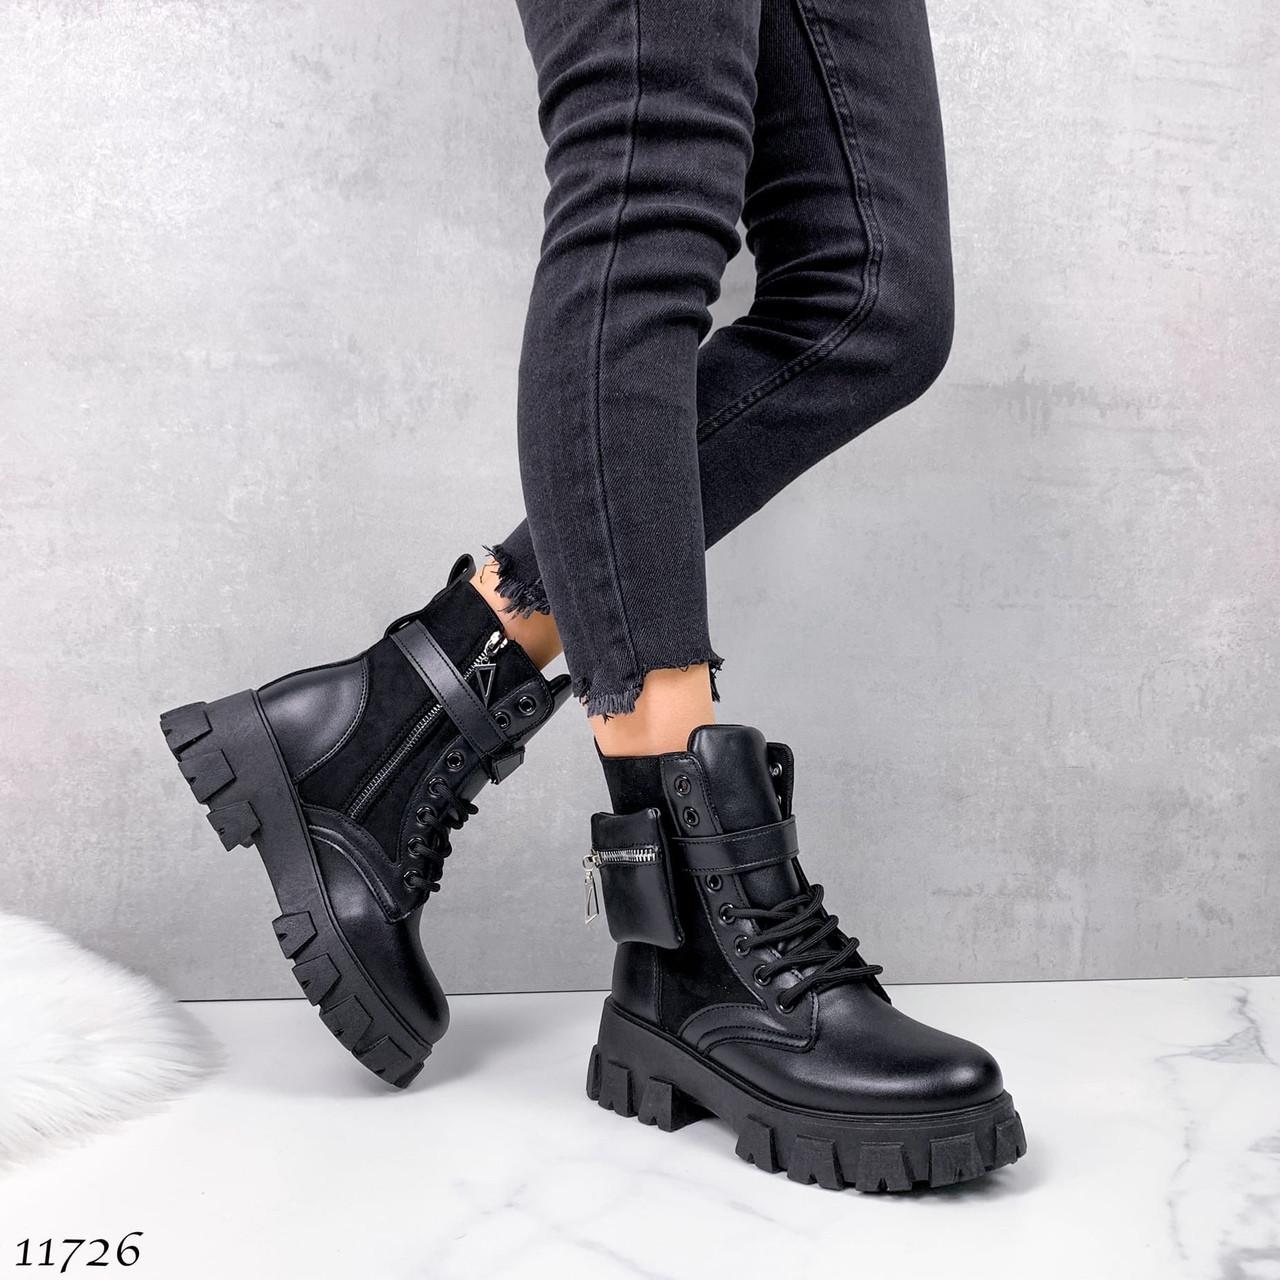 Осенние весенние ботинки 11726 (ЯМ)